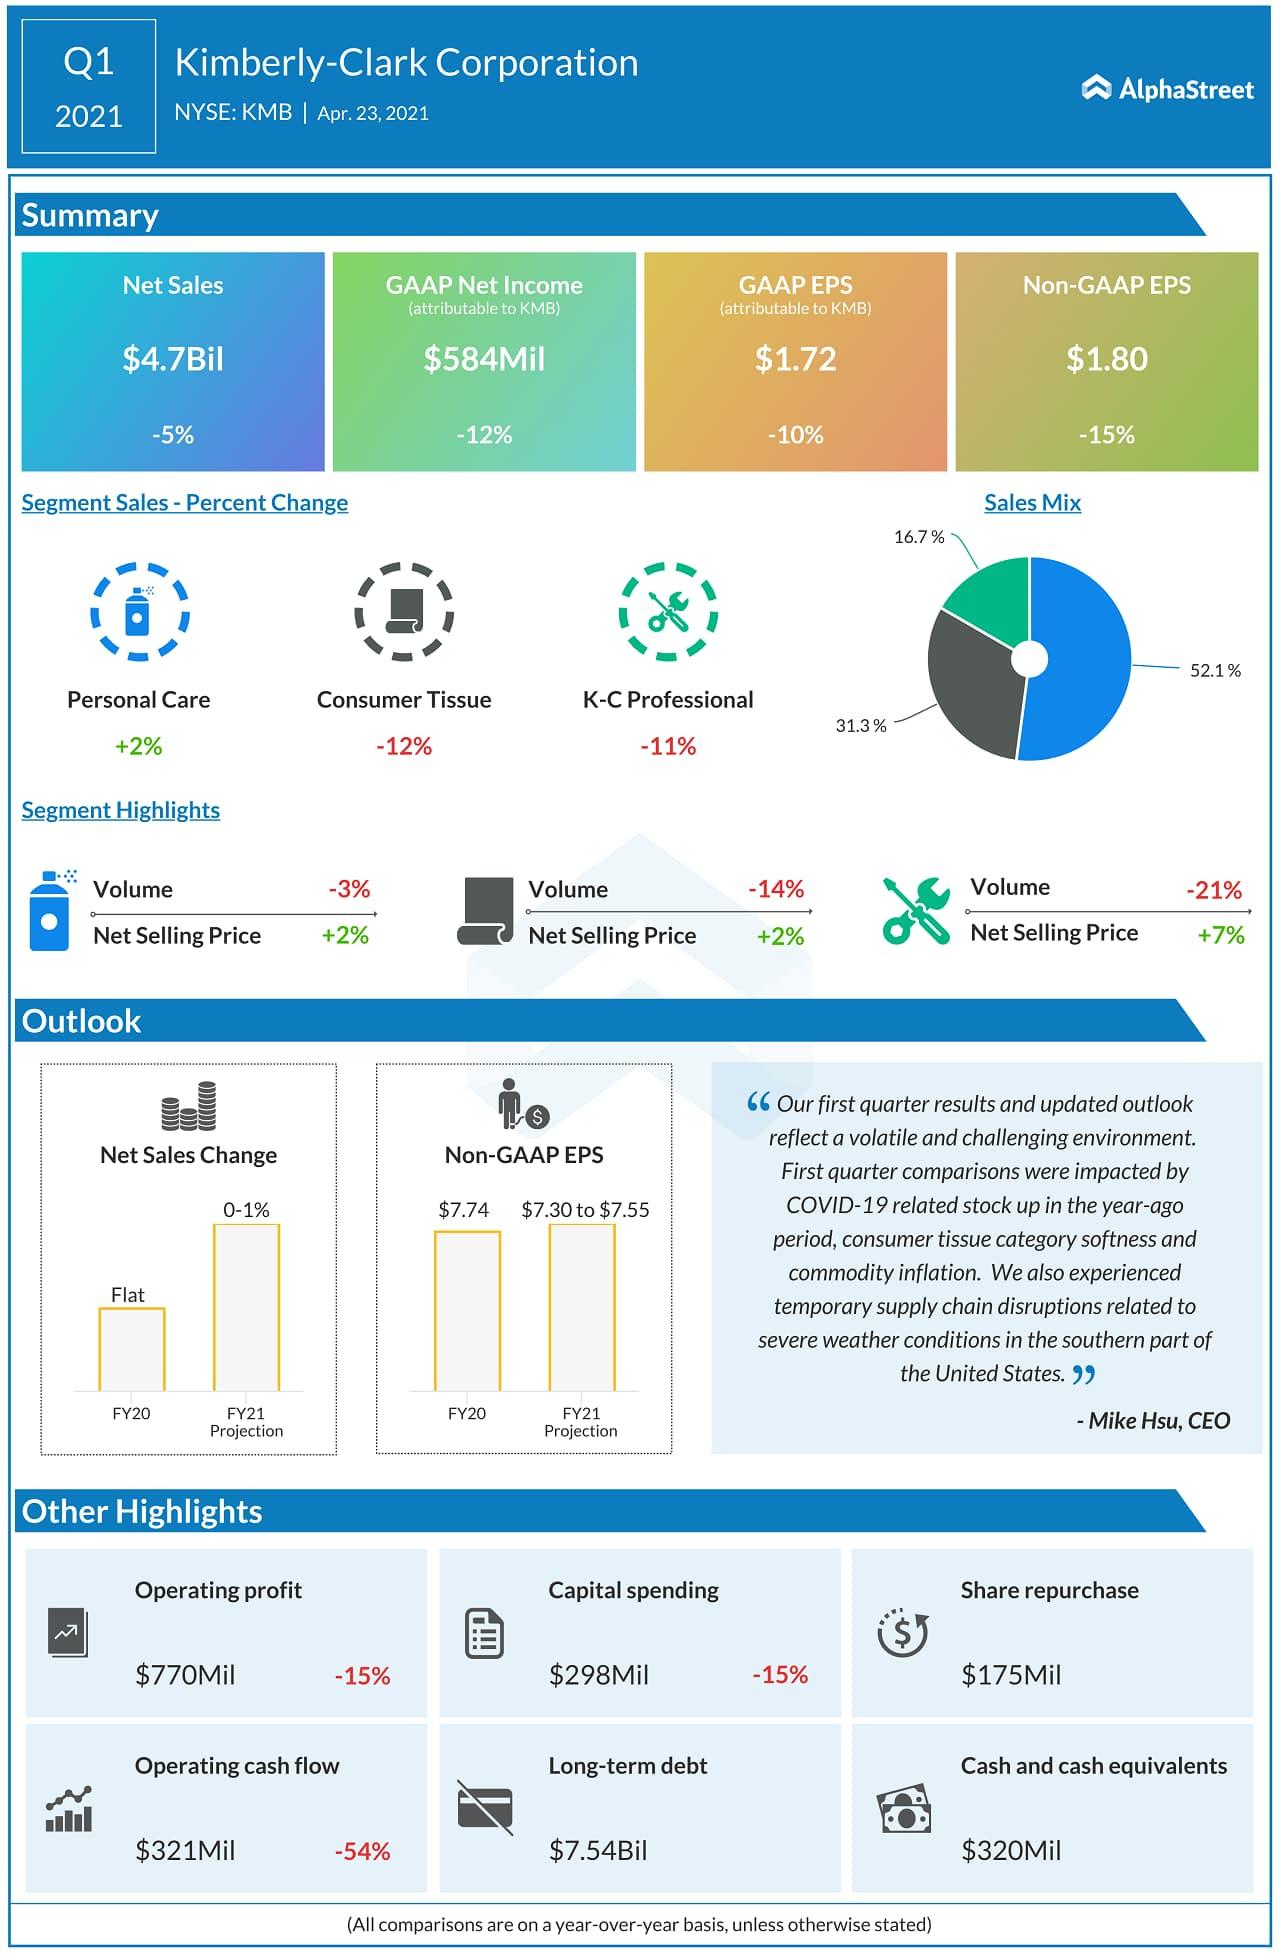 Kimberly-Clark Q1 2021 earnings